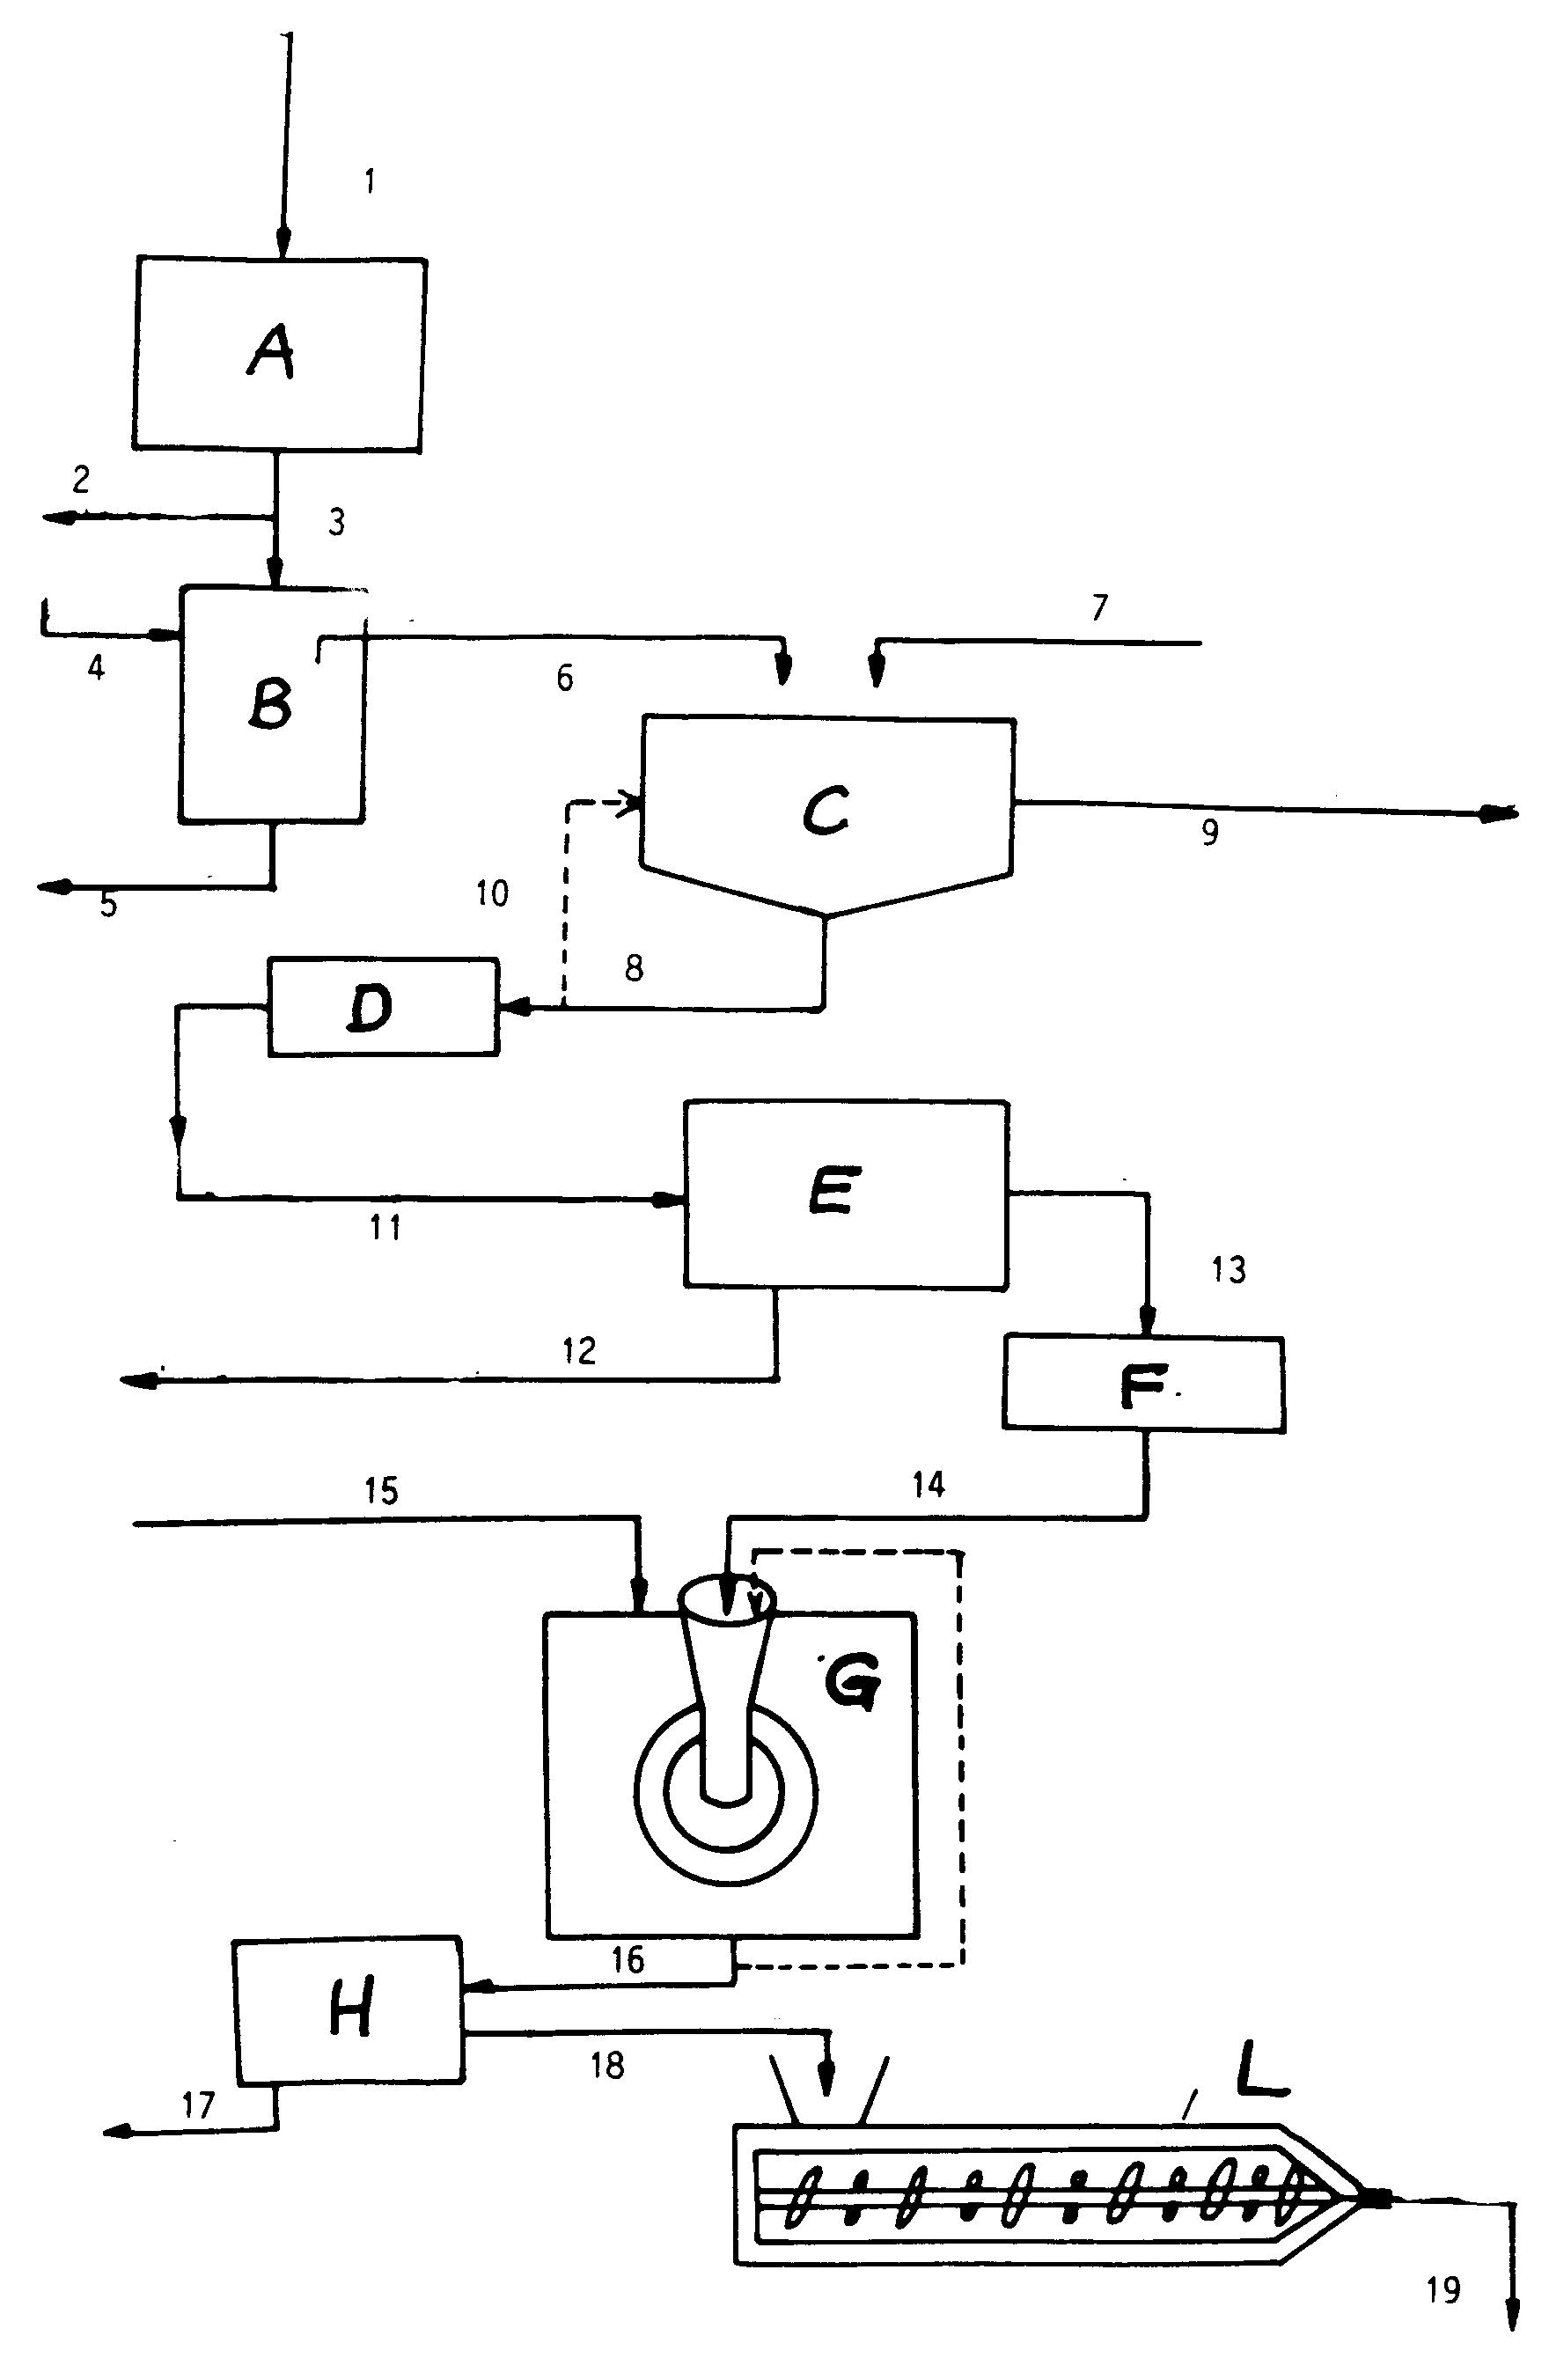 专利ep0575751b1 - verfahren